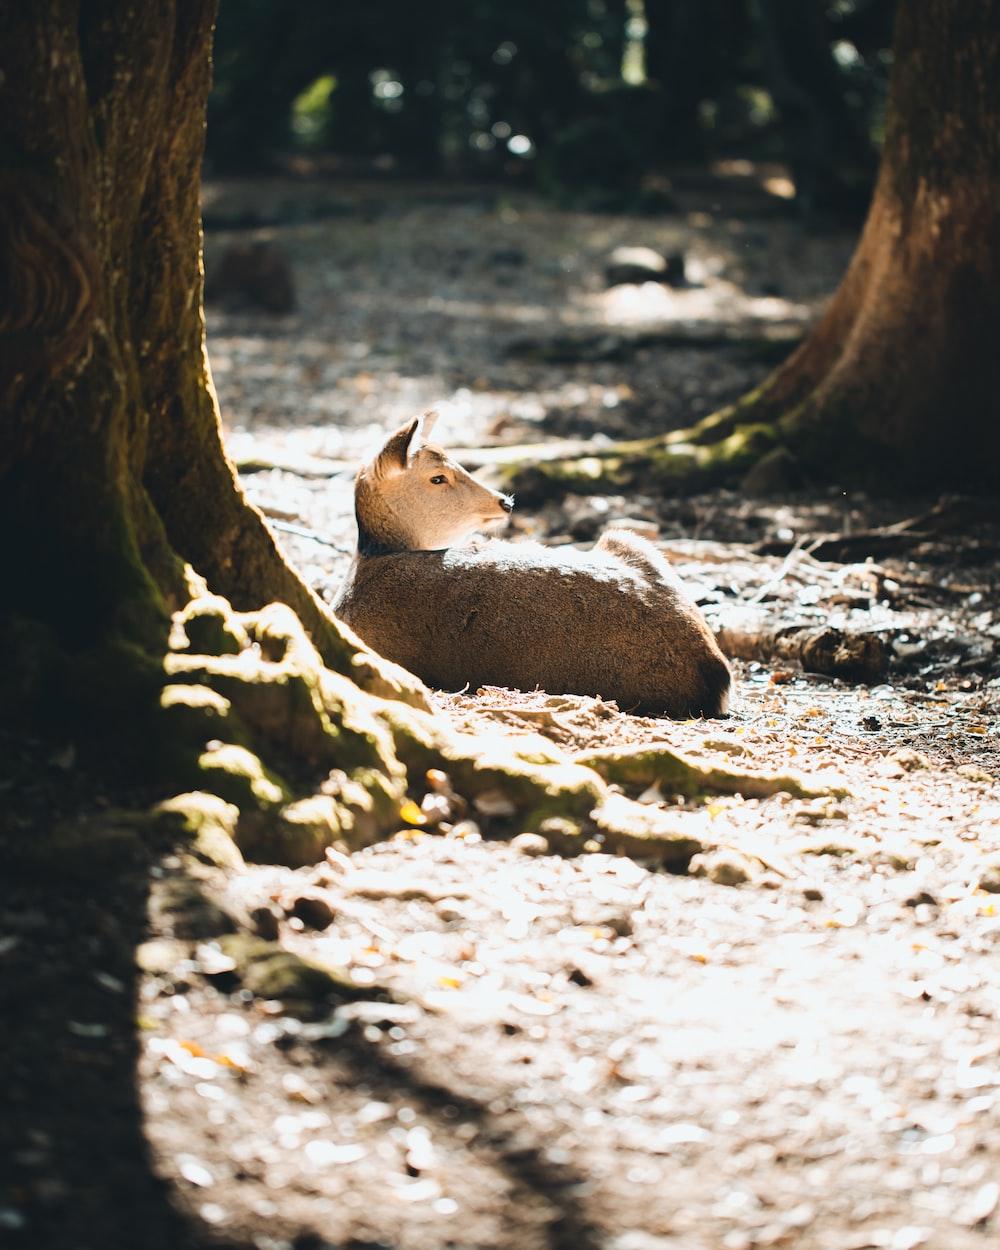 brown animal laying down on ground during daytime